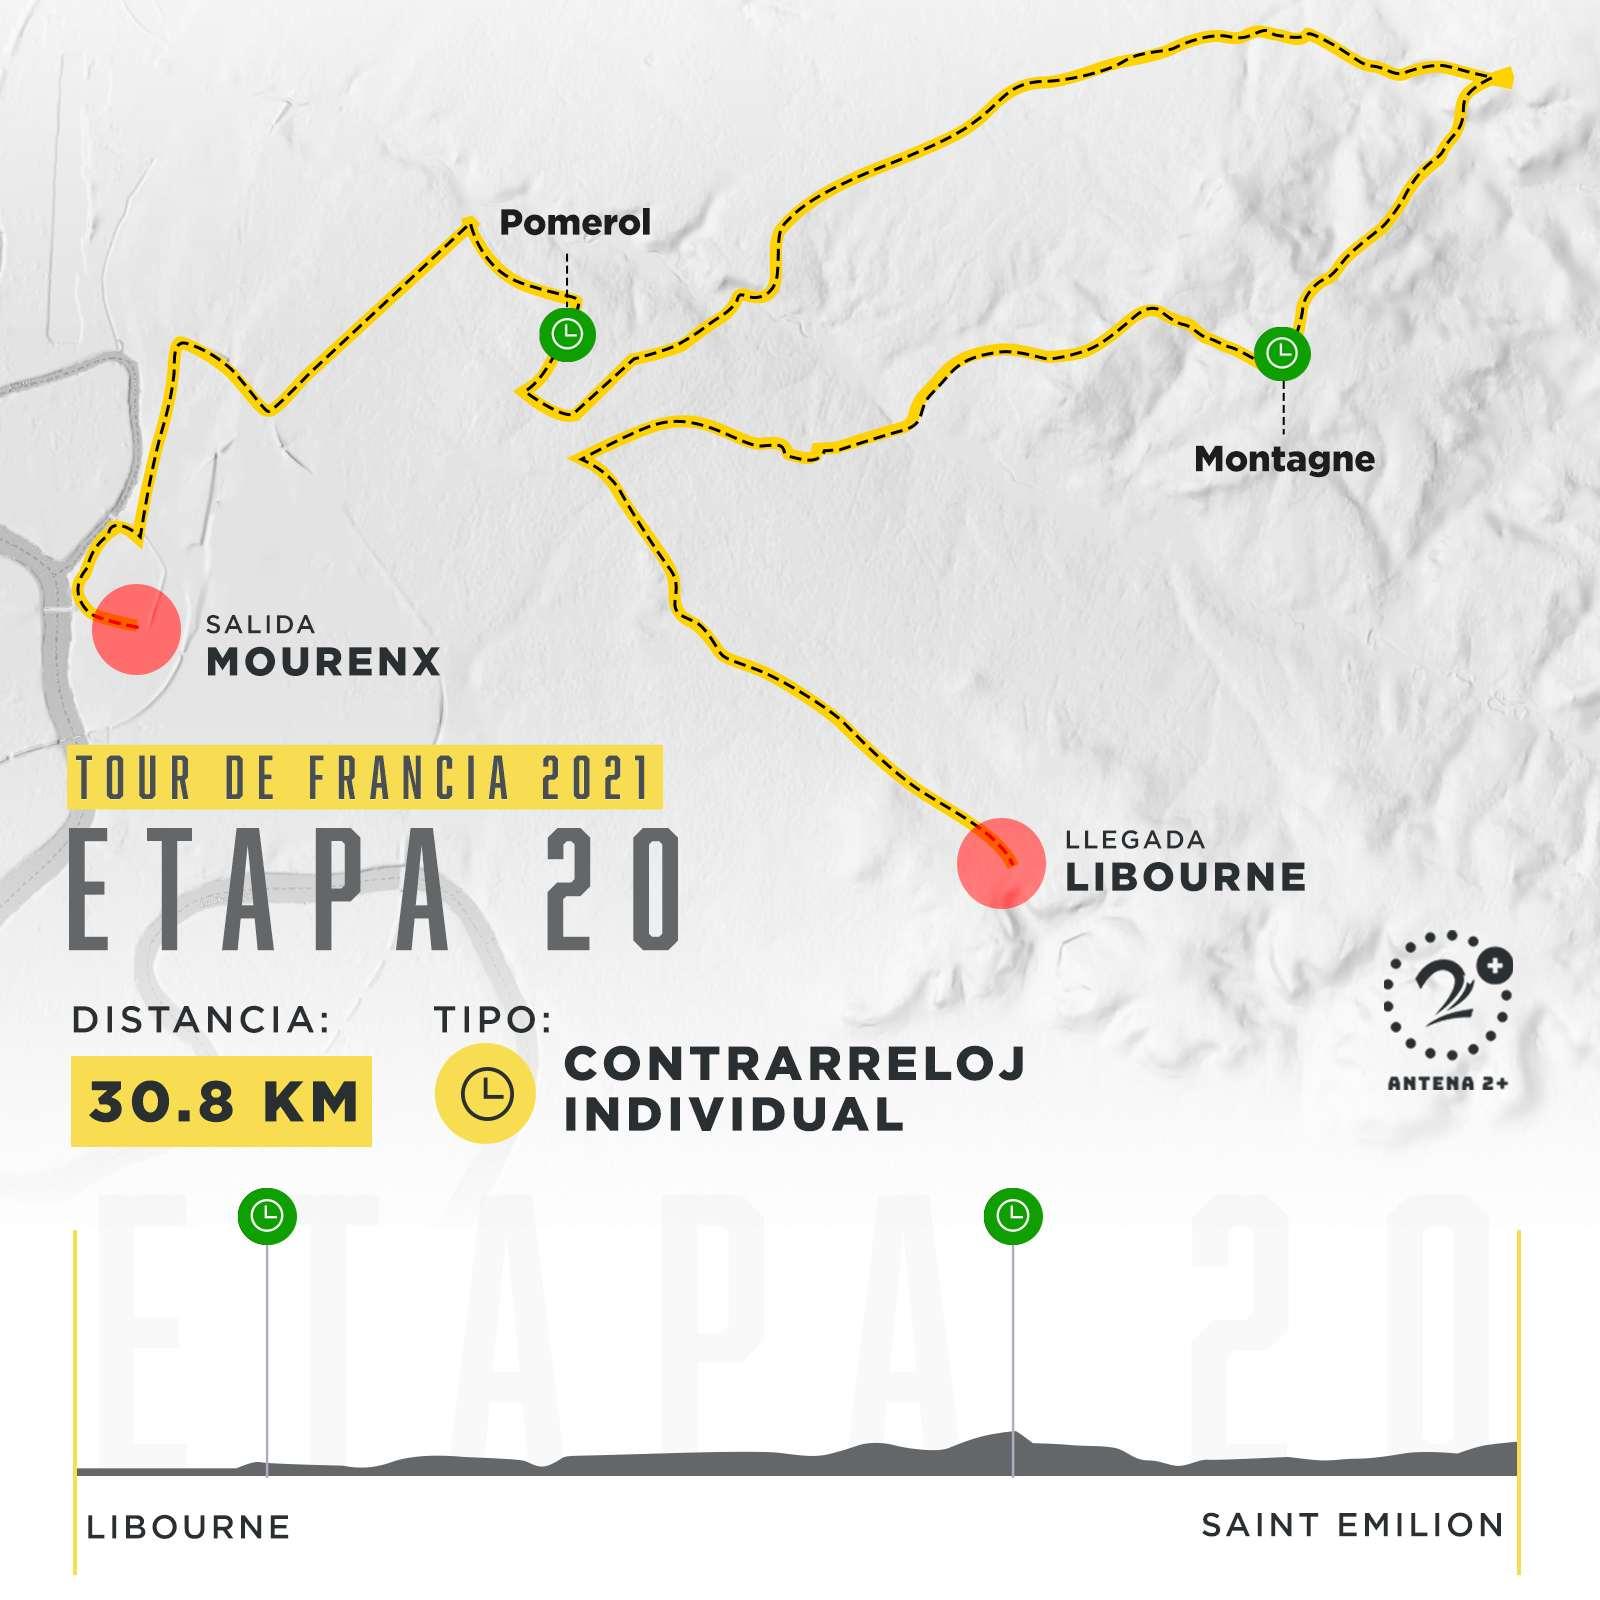 Etapa 20, Tour de Francia 2021